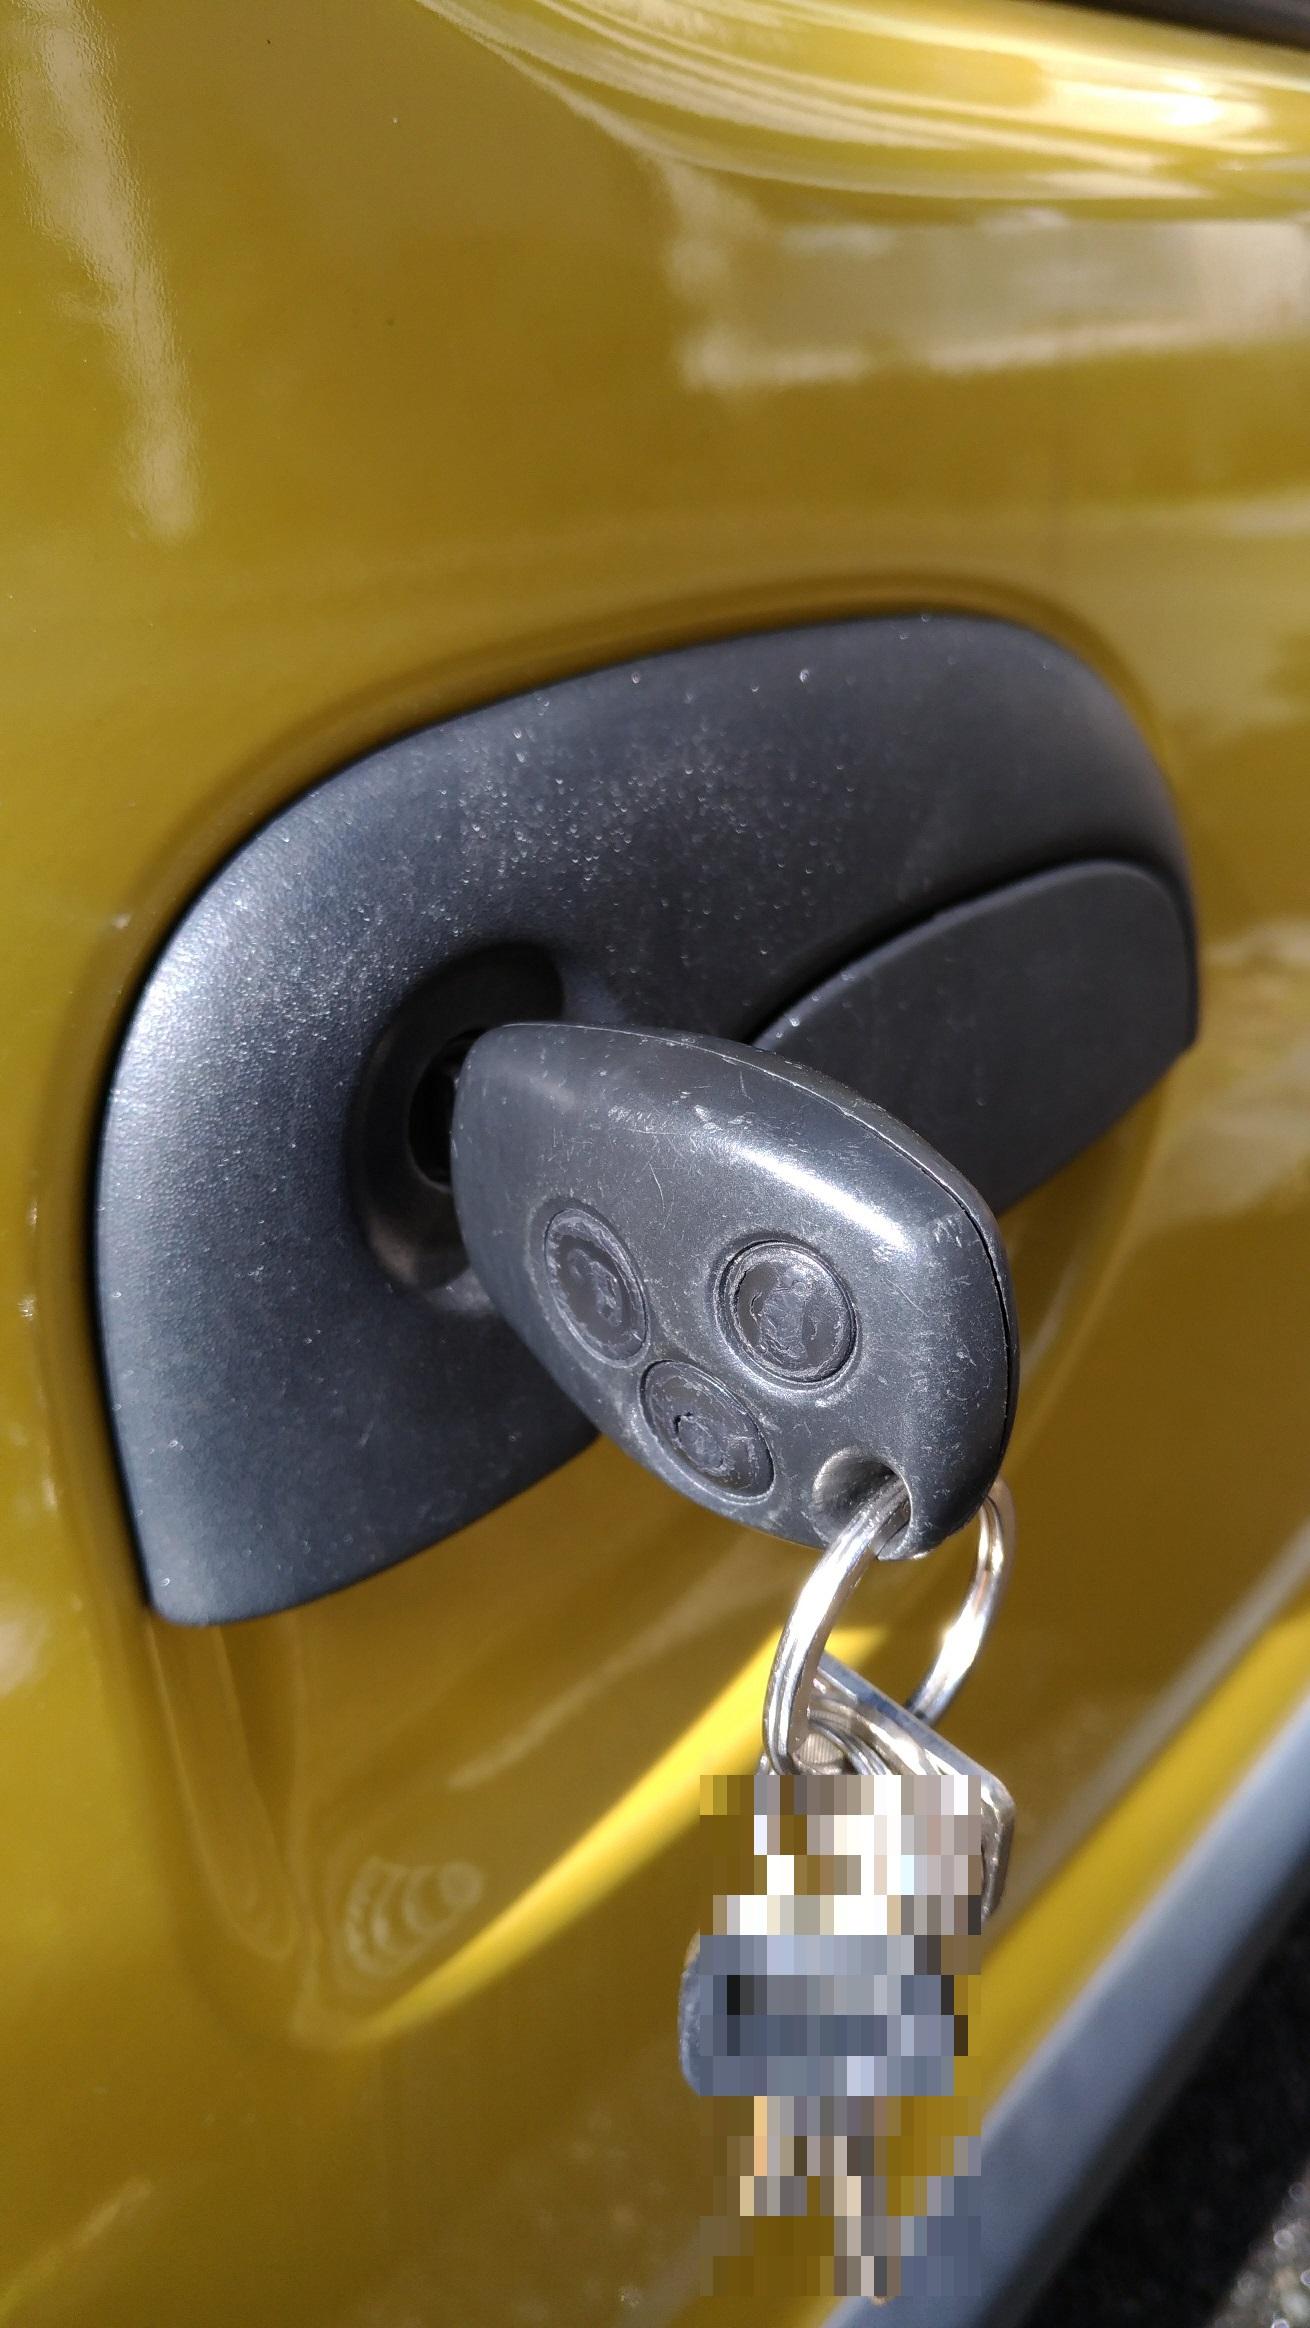 解錠後にお客様の鍵で動作確認していただきます。